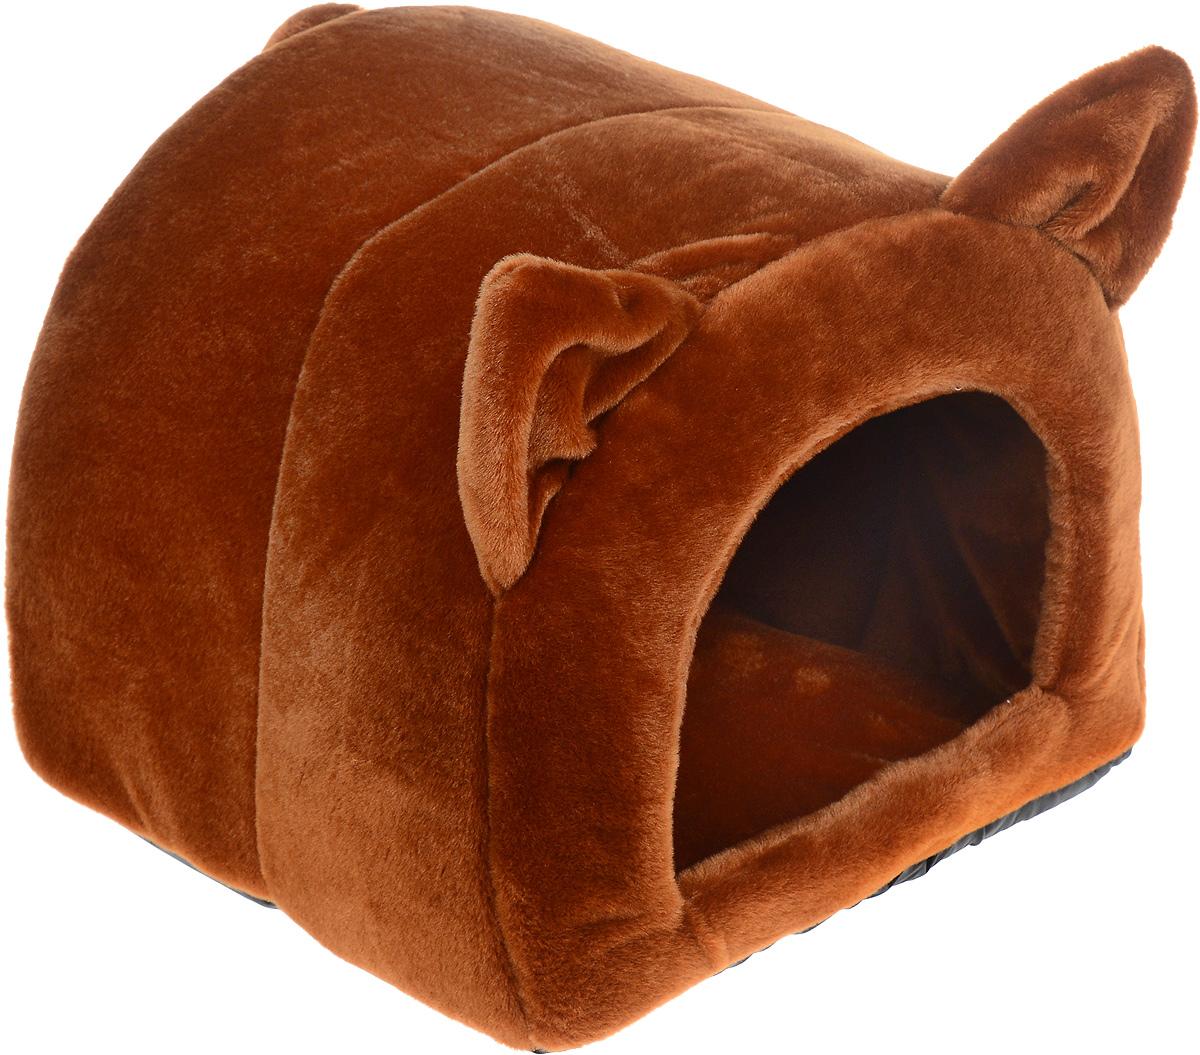 Домик-лежанка Зоомарк Ушастик, цвет: коричневый, 44 х 40 х 36 см4685Домик-лежанка Зоомарк Ушастик, выполненный из плюша, с непревзойденным дизайном предназначен для кошек и мелких собак. Очень удобен и вместителен. Изделие гармонично украсит интерьер, подчеркнет вашу индивидуальность и будет радовать вас и вашего питомца.